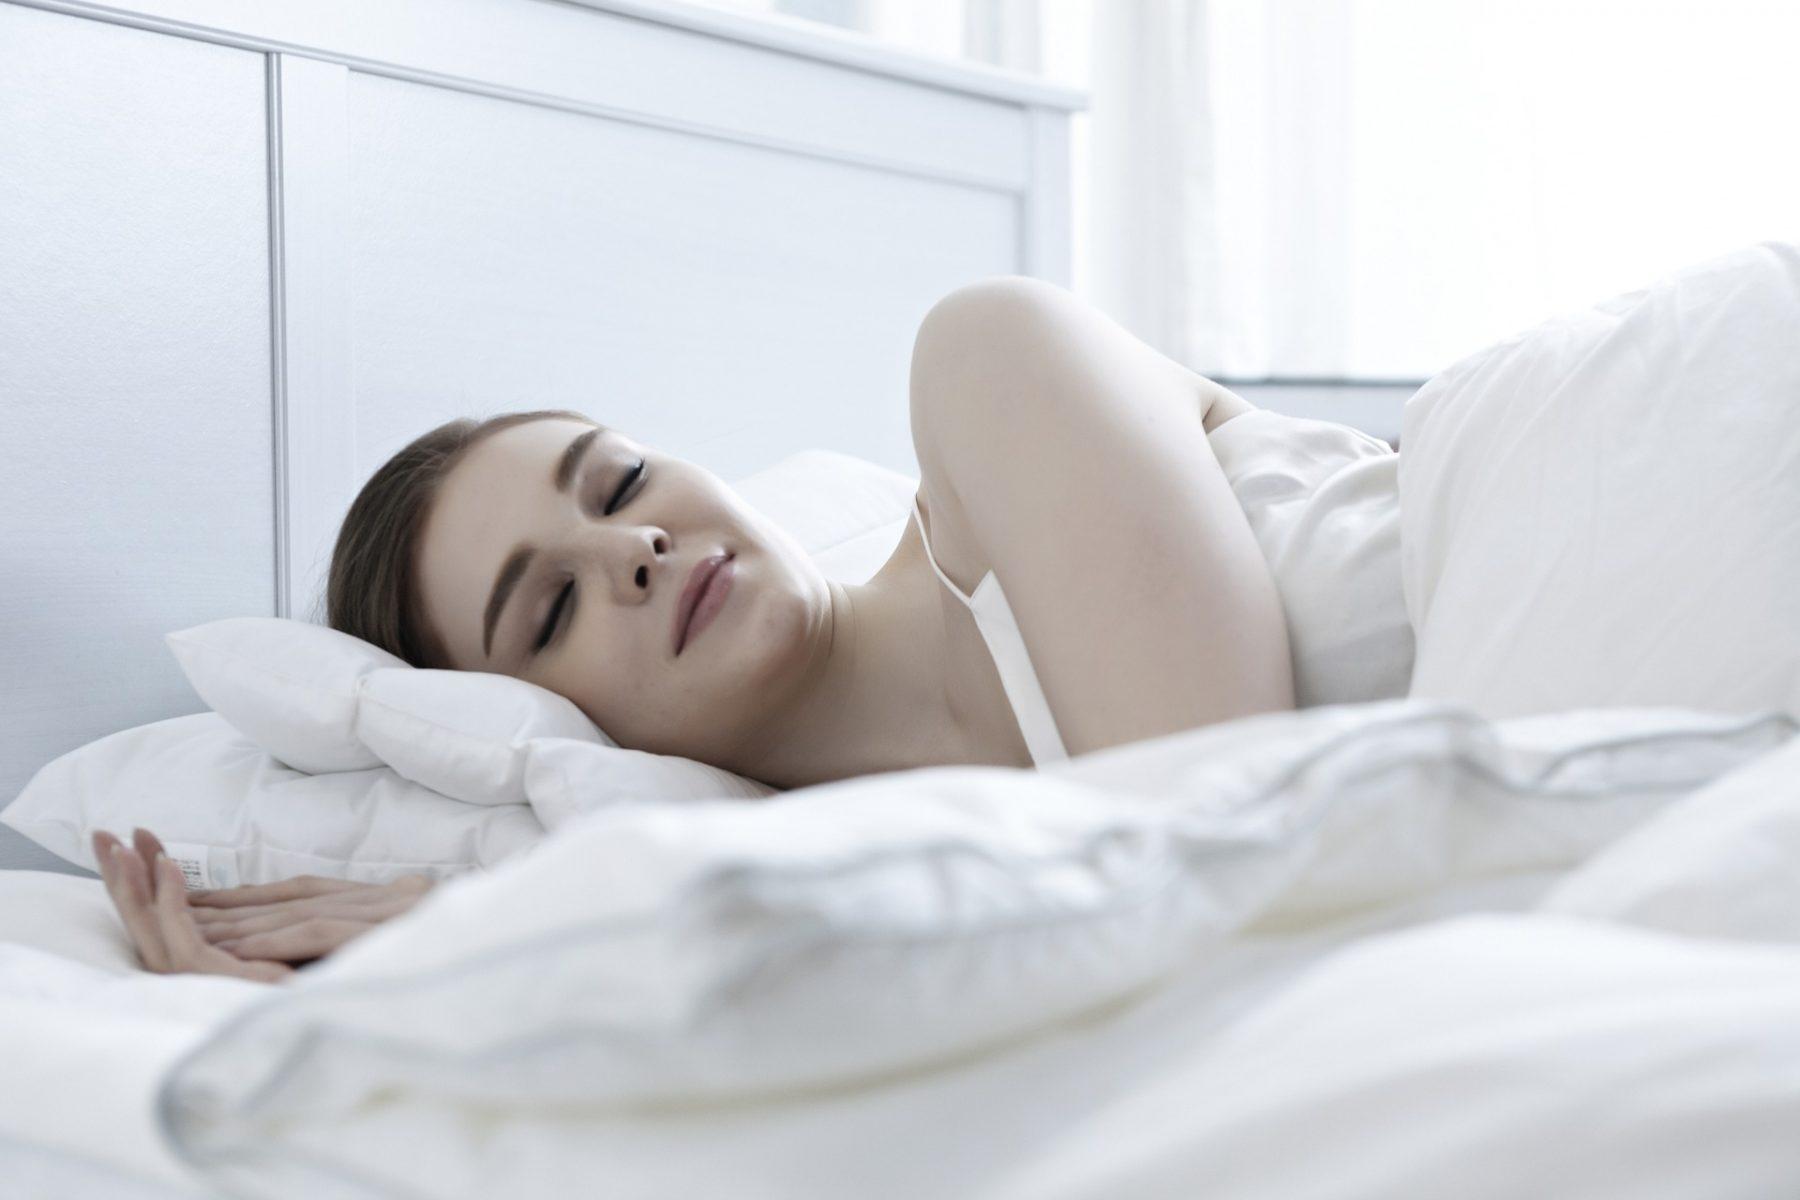 Απογευματινή siesta: Απολαύστε έναν γρήγορο υπνάκο καθημερινά χωρίς τύψεις